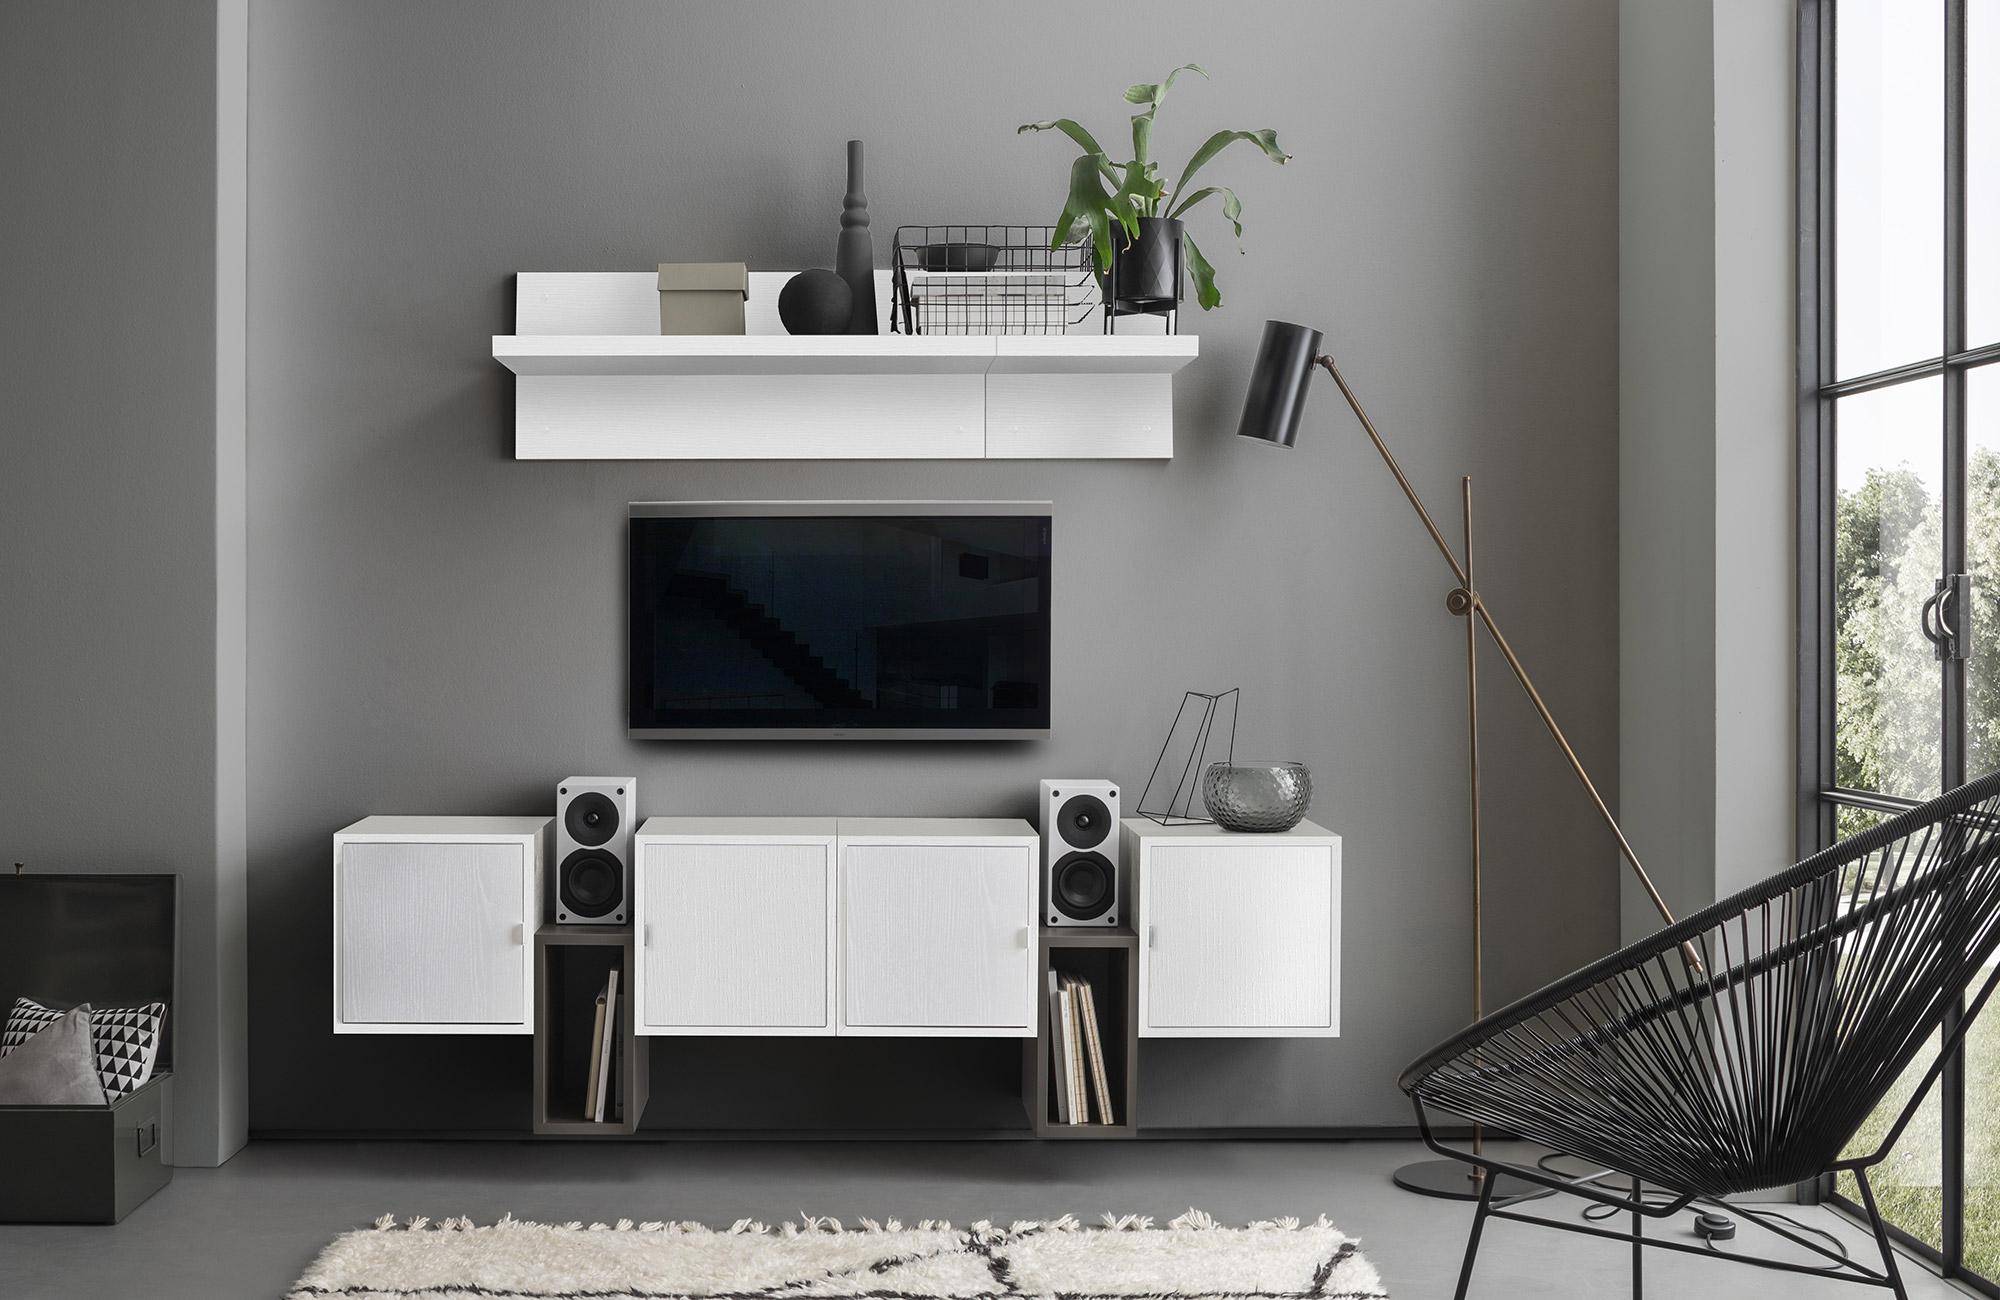 icreo Mensola da Soggiorno Porta TV MILEGO da cm 36 abbinabile con mobili Soggiorno MILEGO. Bianco frassinato